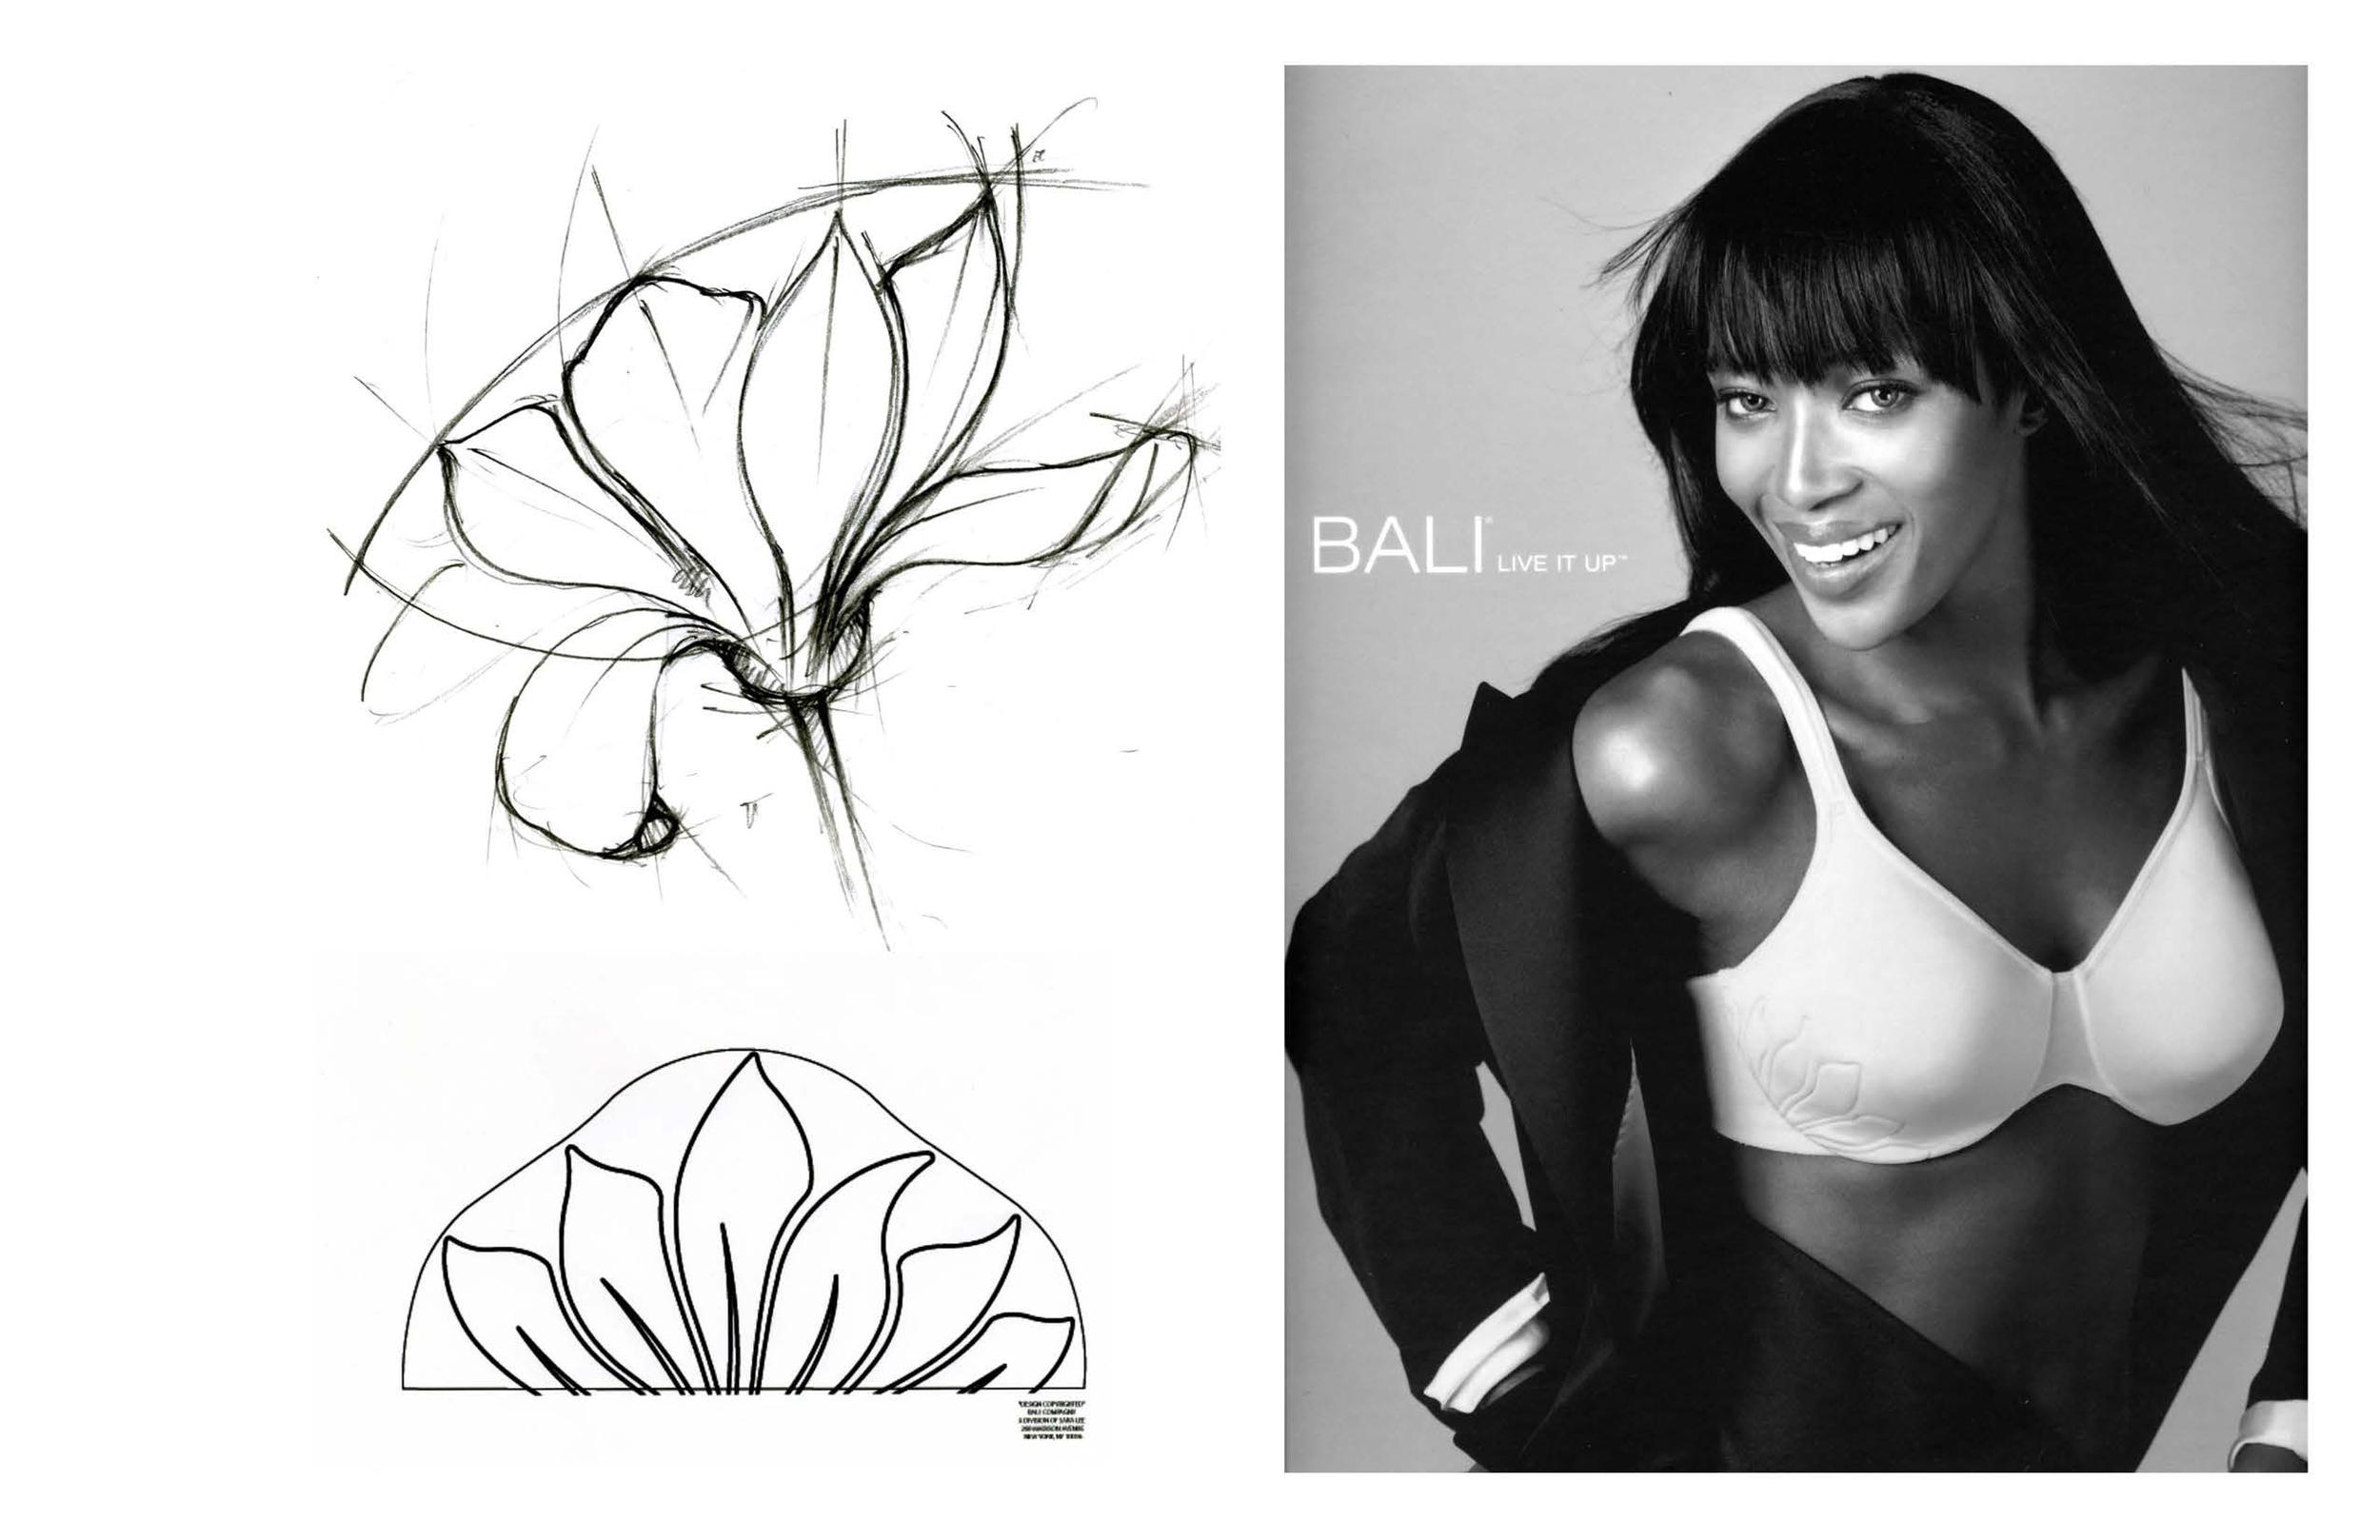 BALI copy.jpg